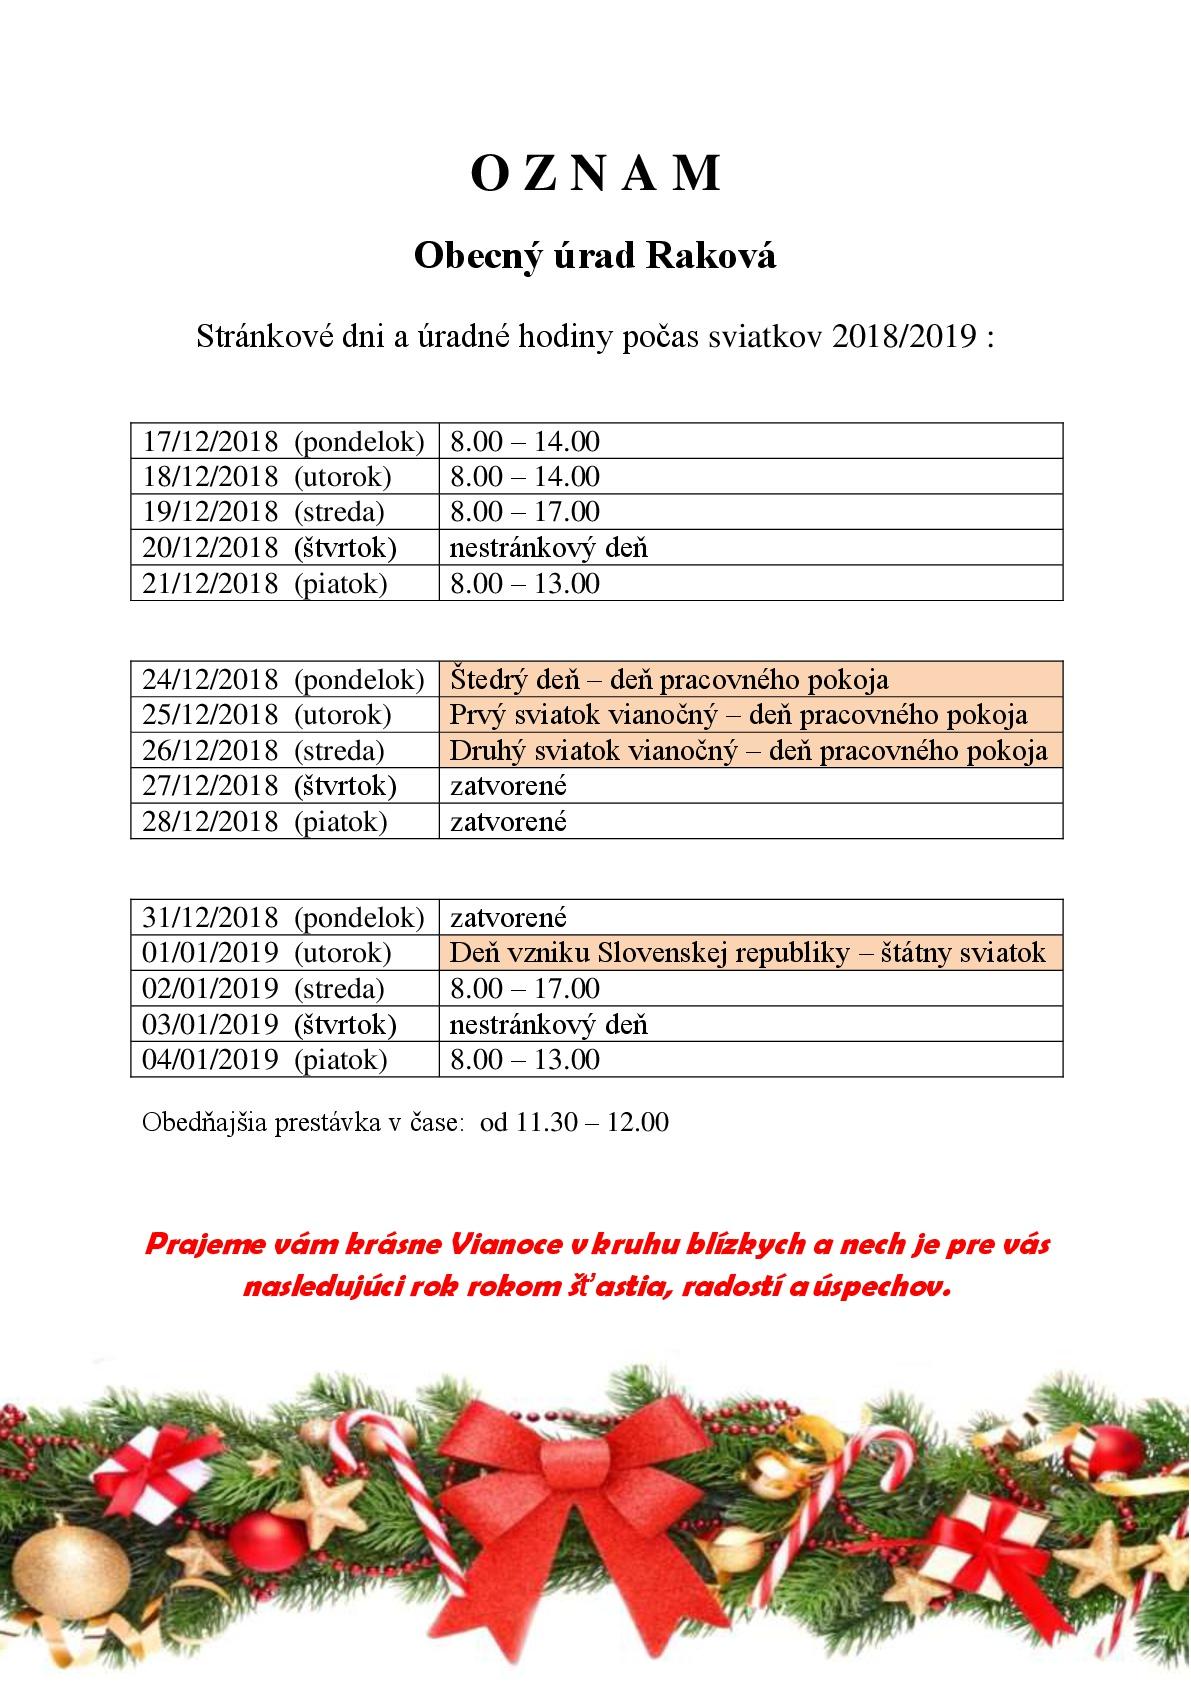 Obec Raková - Stránkové dni a úradné hodiny Obecného úradu Raková 16d27240c60